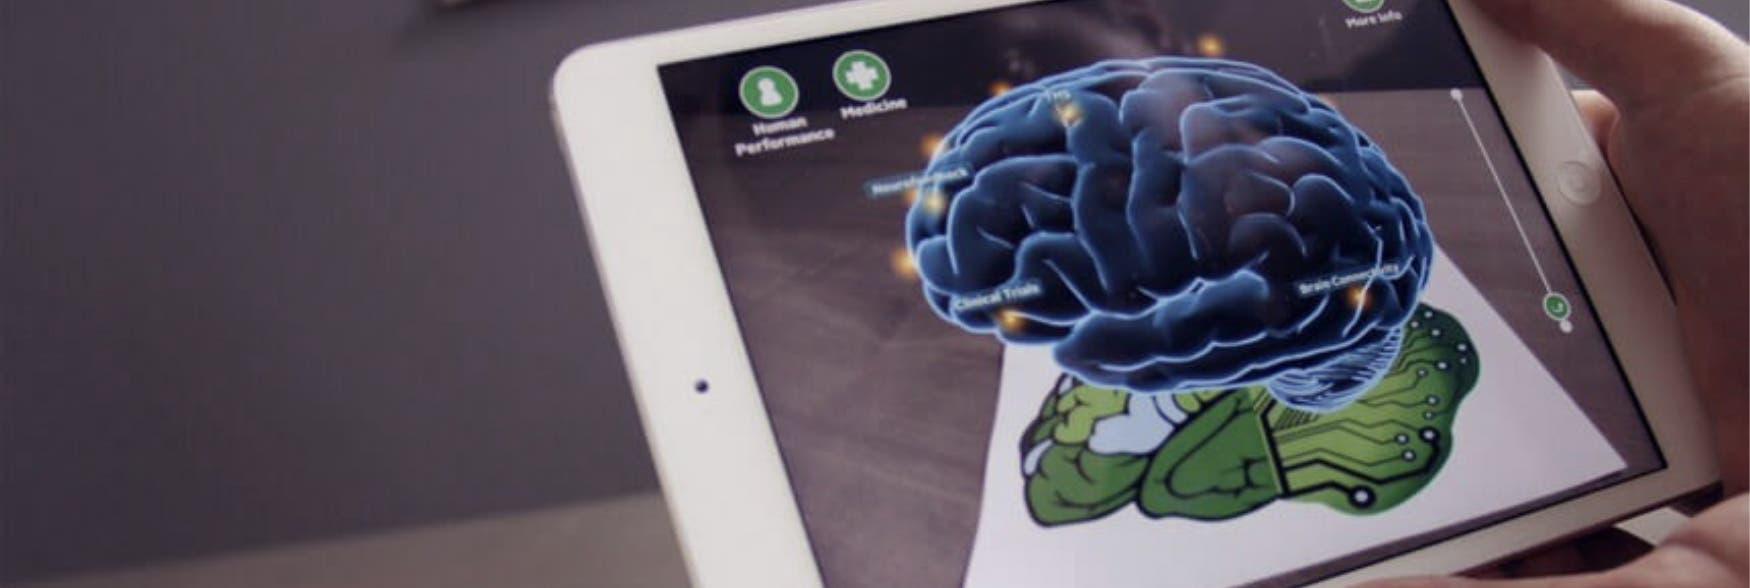 tablet con cerebro